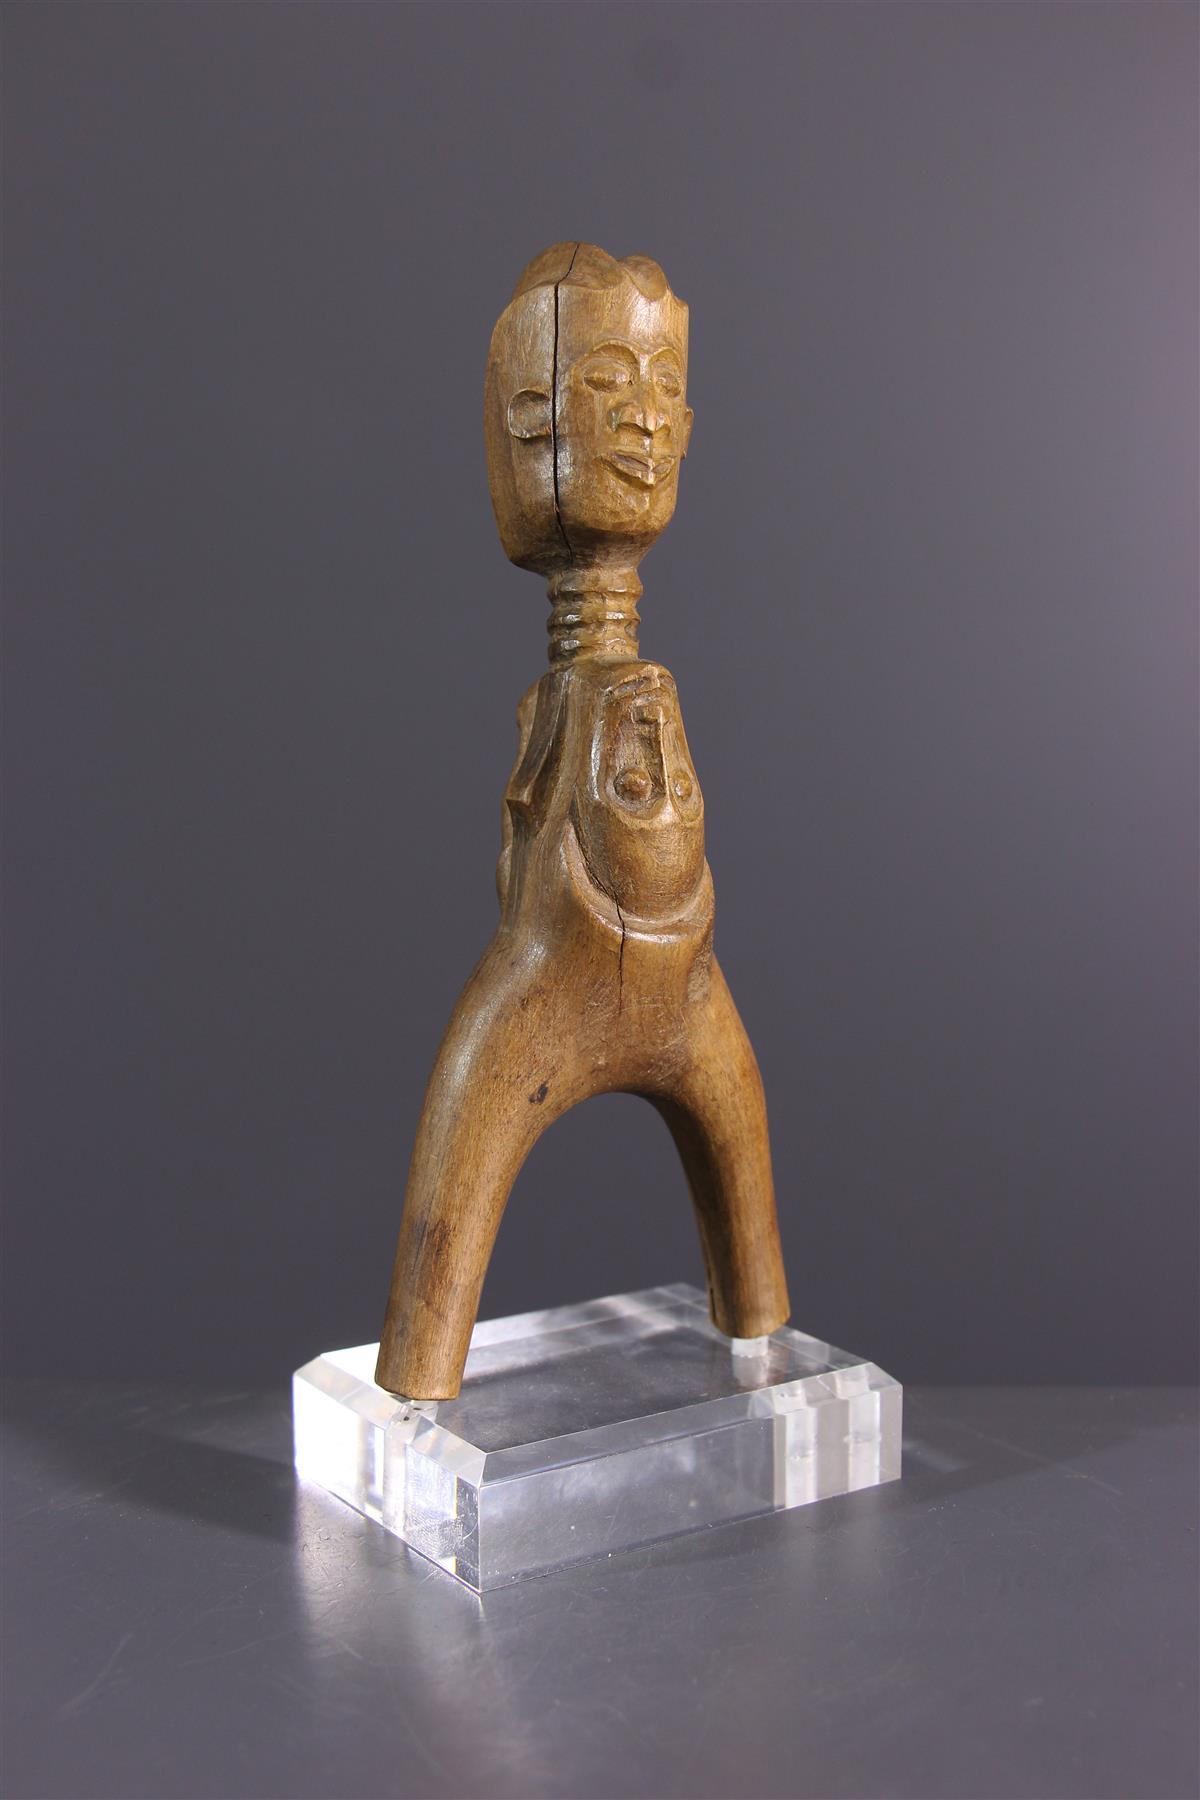 Senufo slingshot - African art